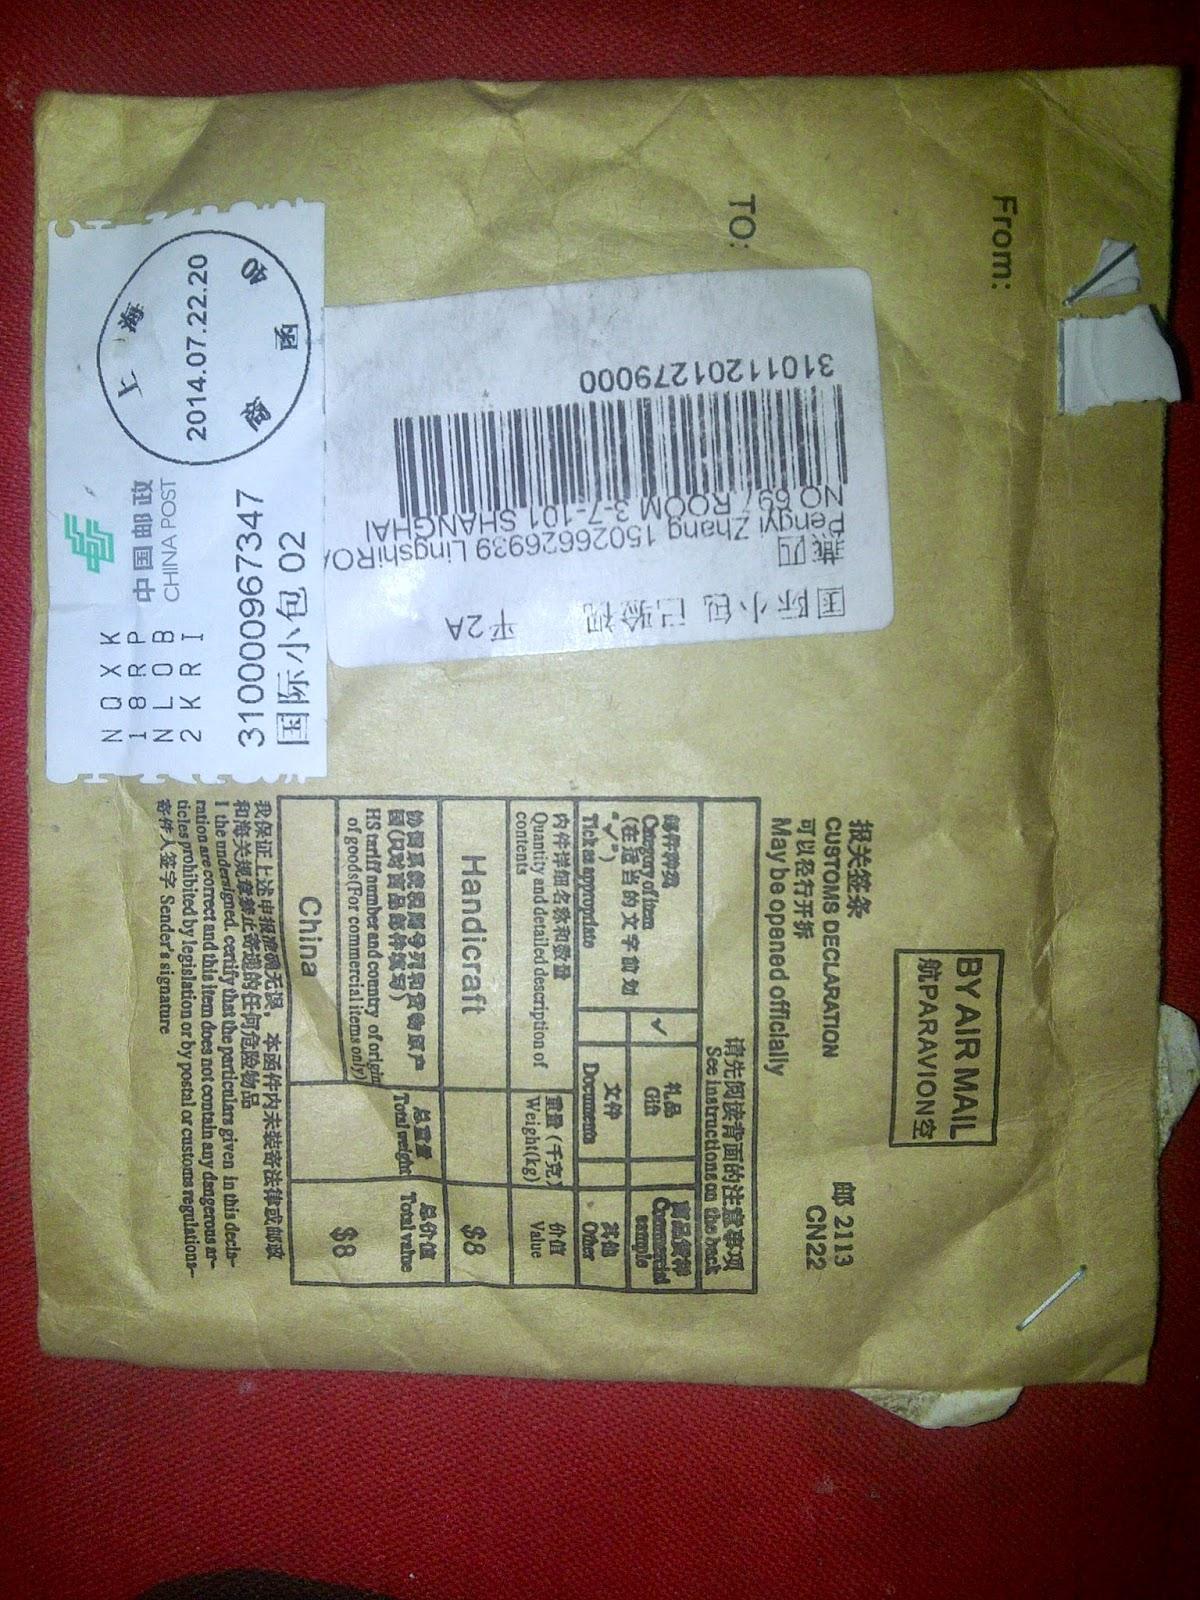 kiriman barang dari luar negeri